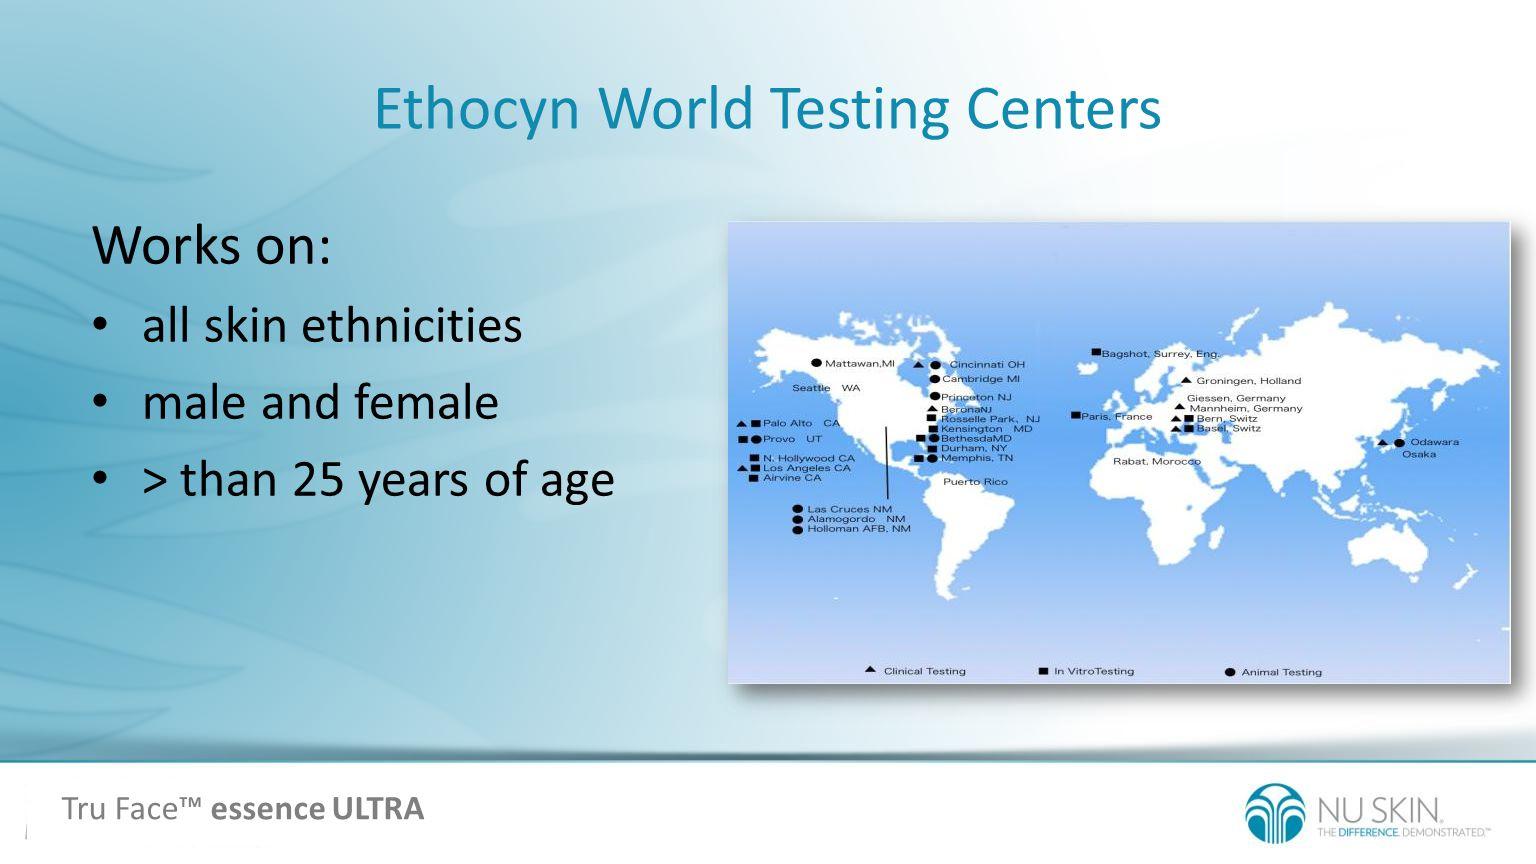 Ethocyn World Testing Centers